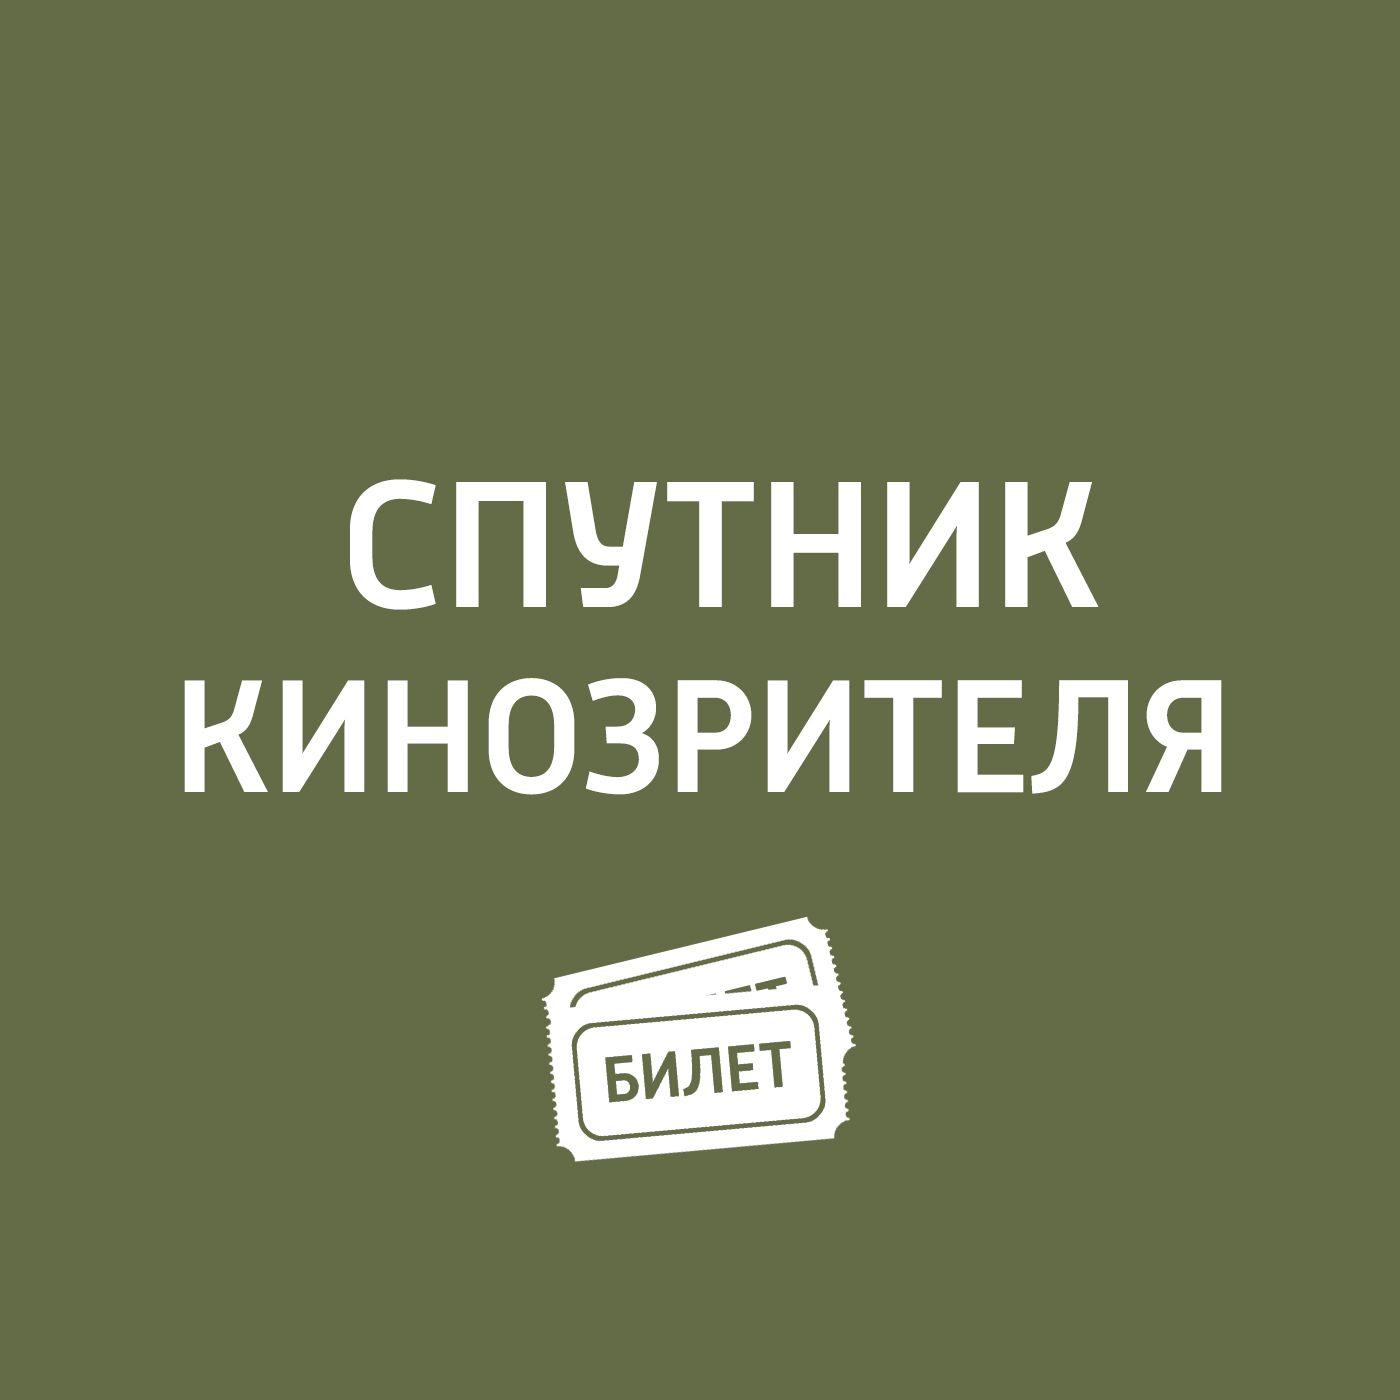 Антон Долин Фестиваль «Искусства кино» и «Москино» домашние кинотеатры